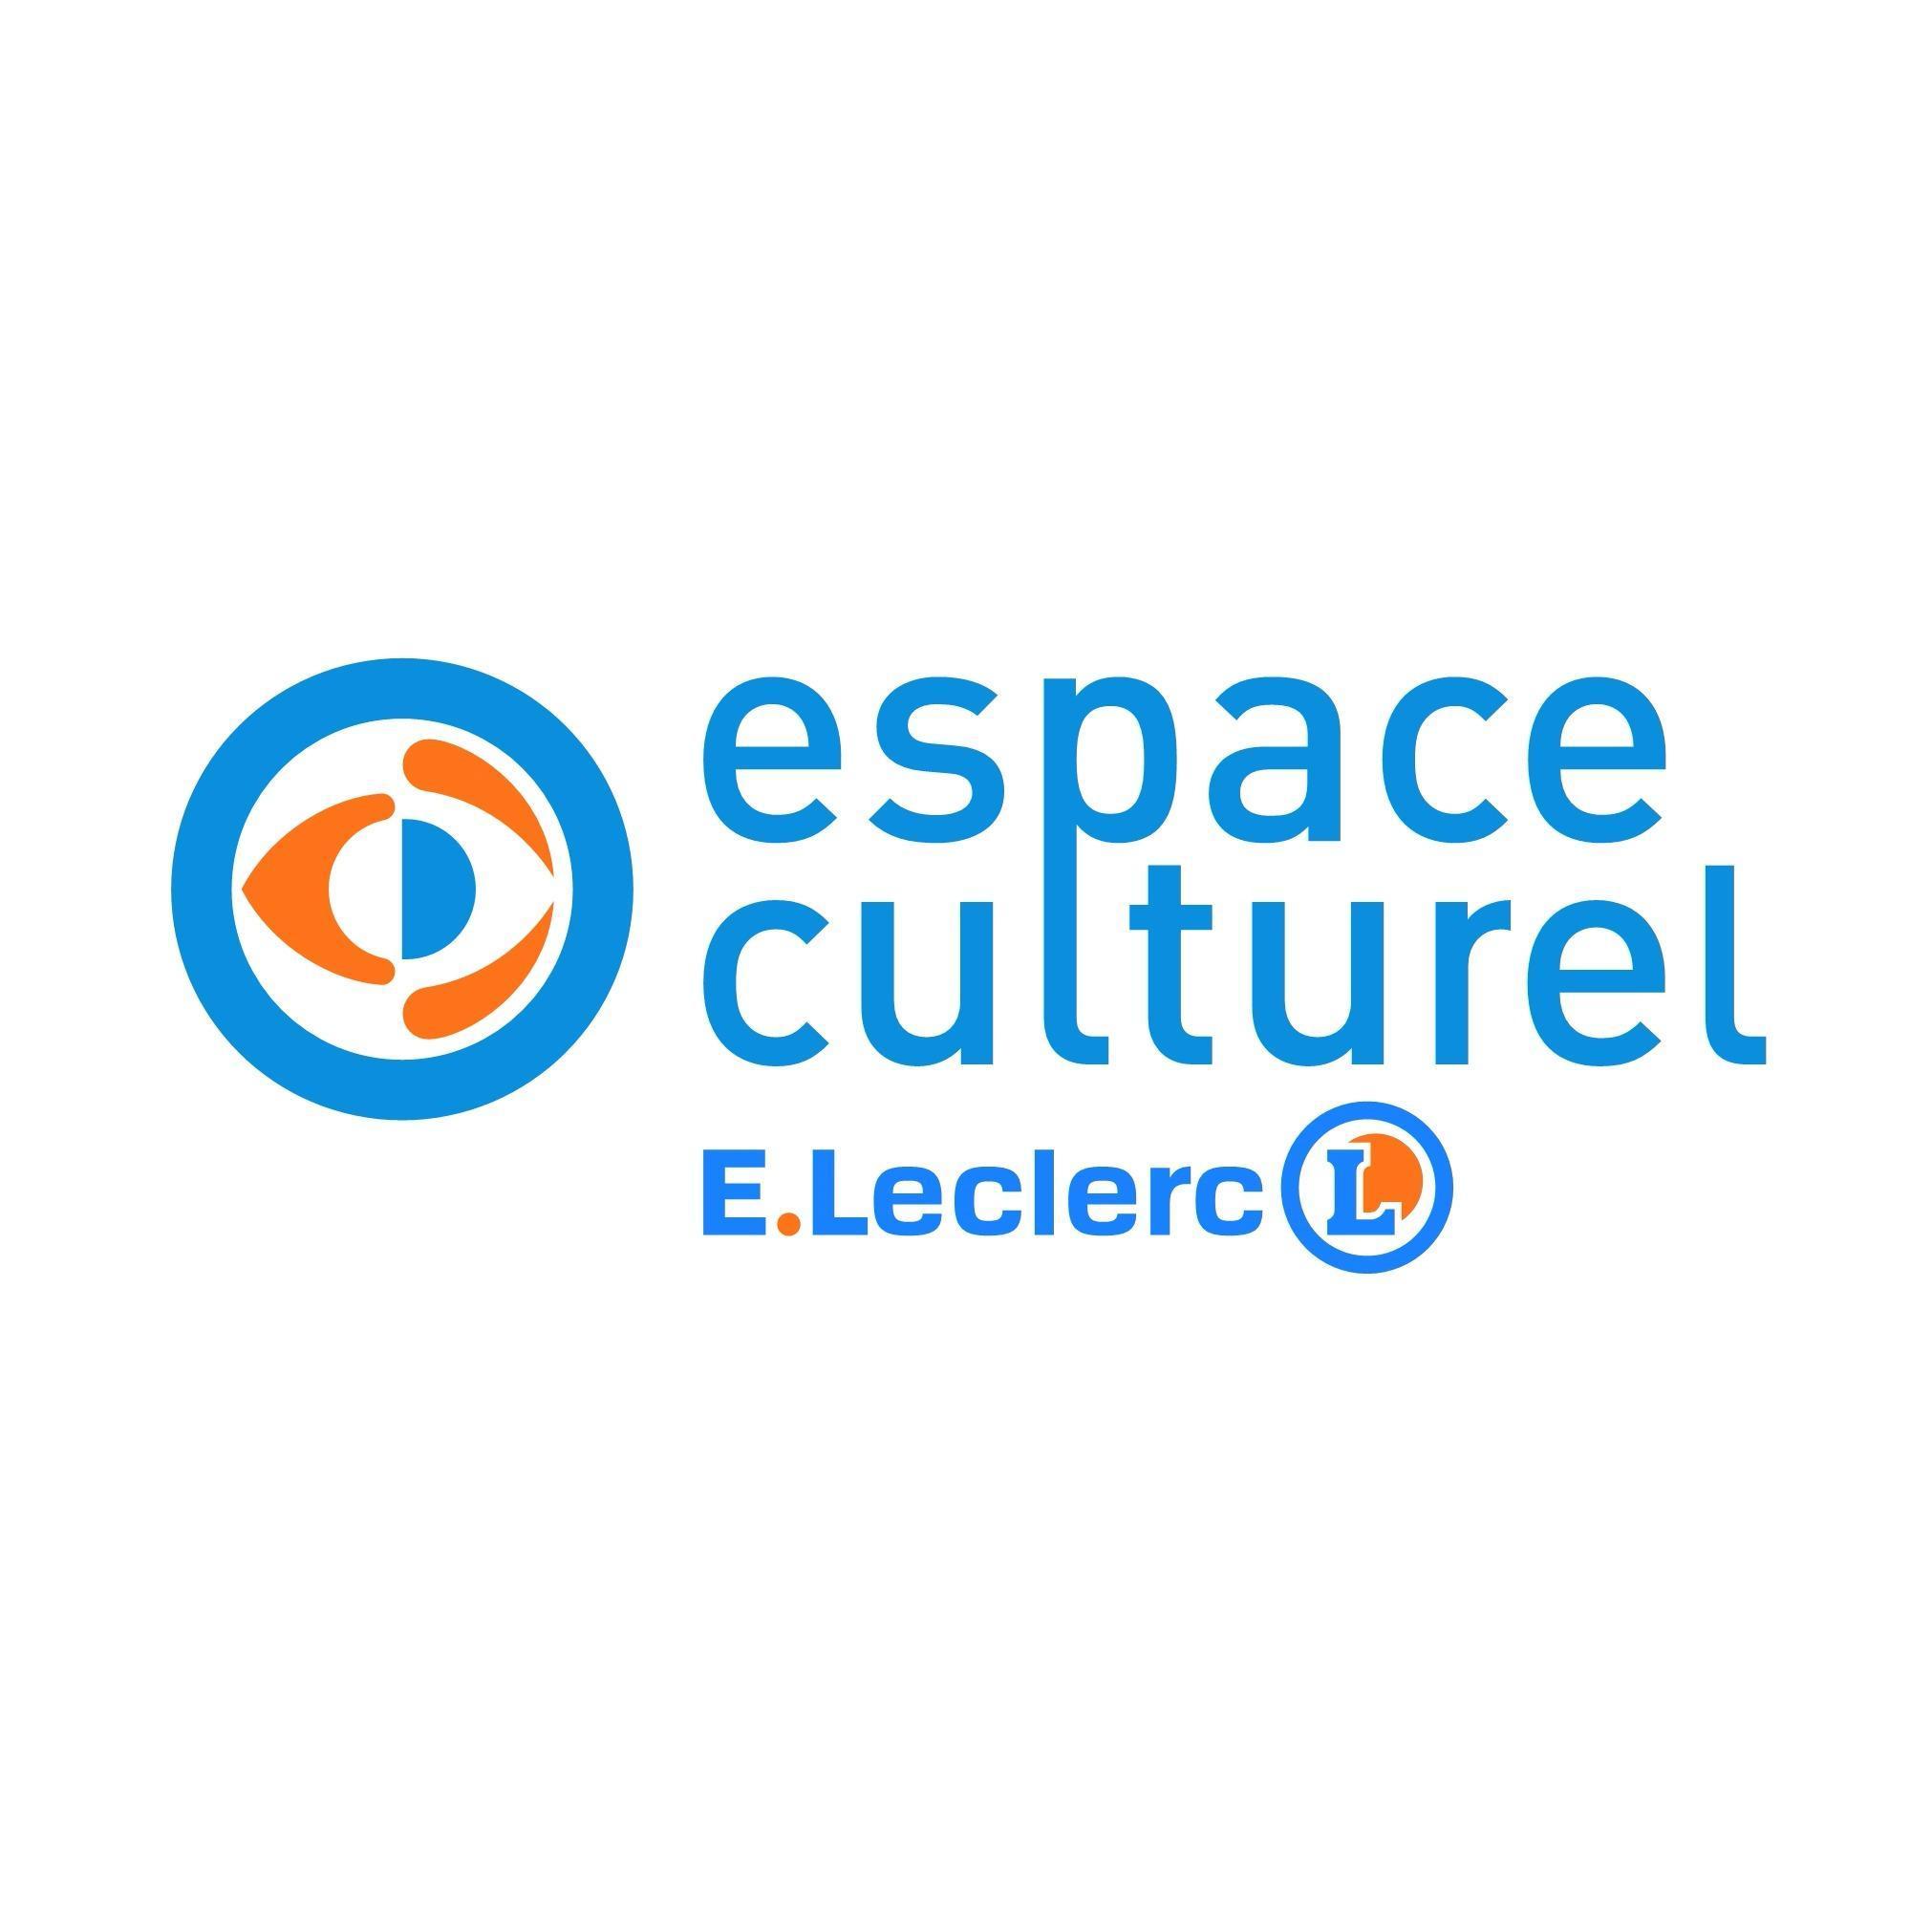 E.leclerc Espace Culturel Calais Calais